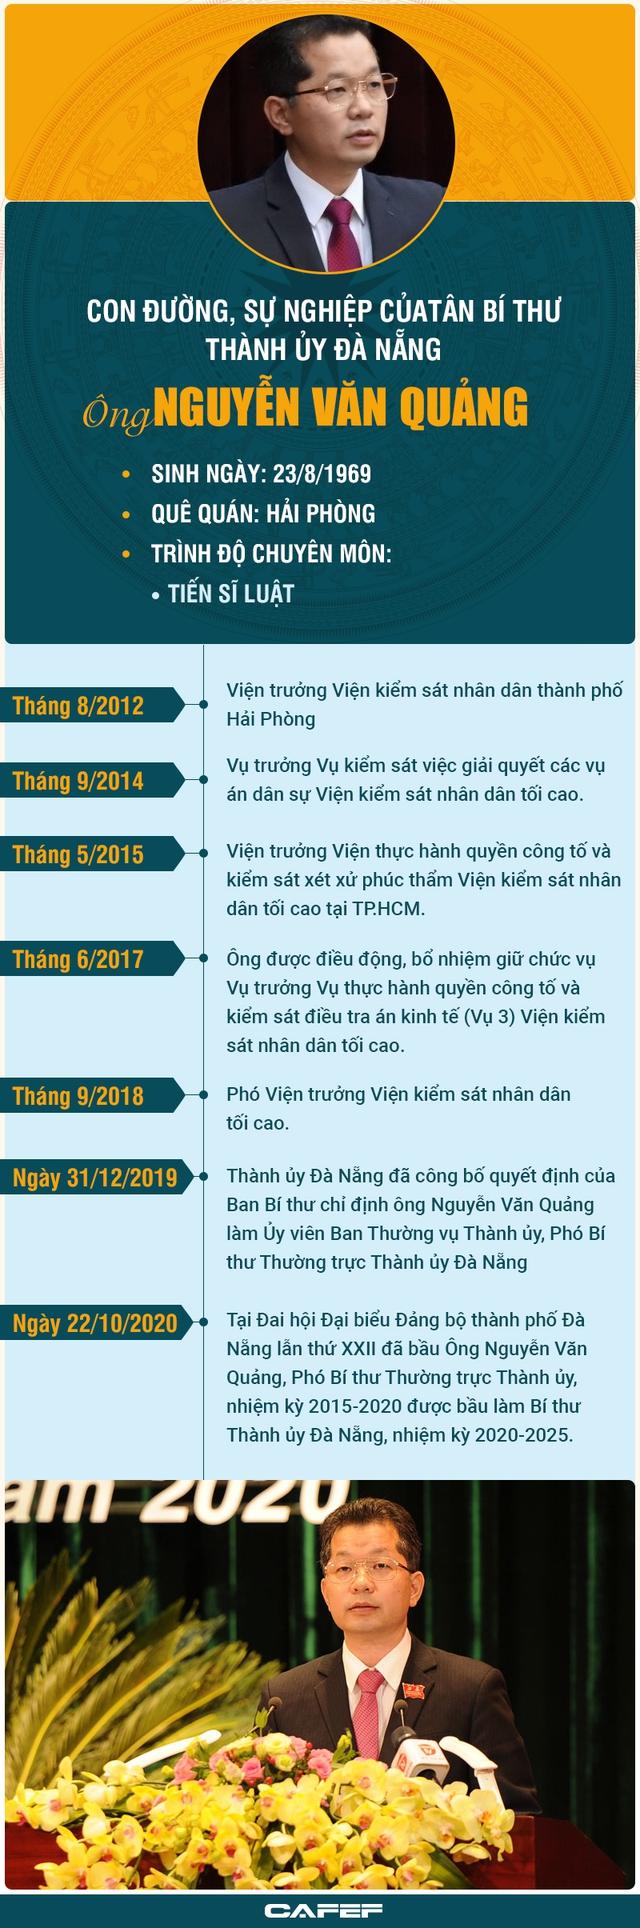 Chân dung và con đường sự nghiệp tân Bí thư Đà Nẵng Nguyễn Văn Quảng - Ảnh 1.